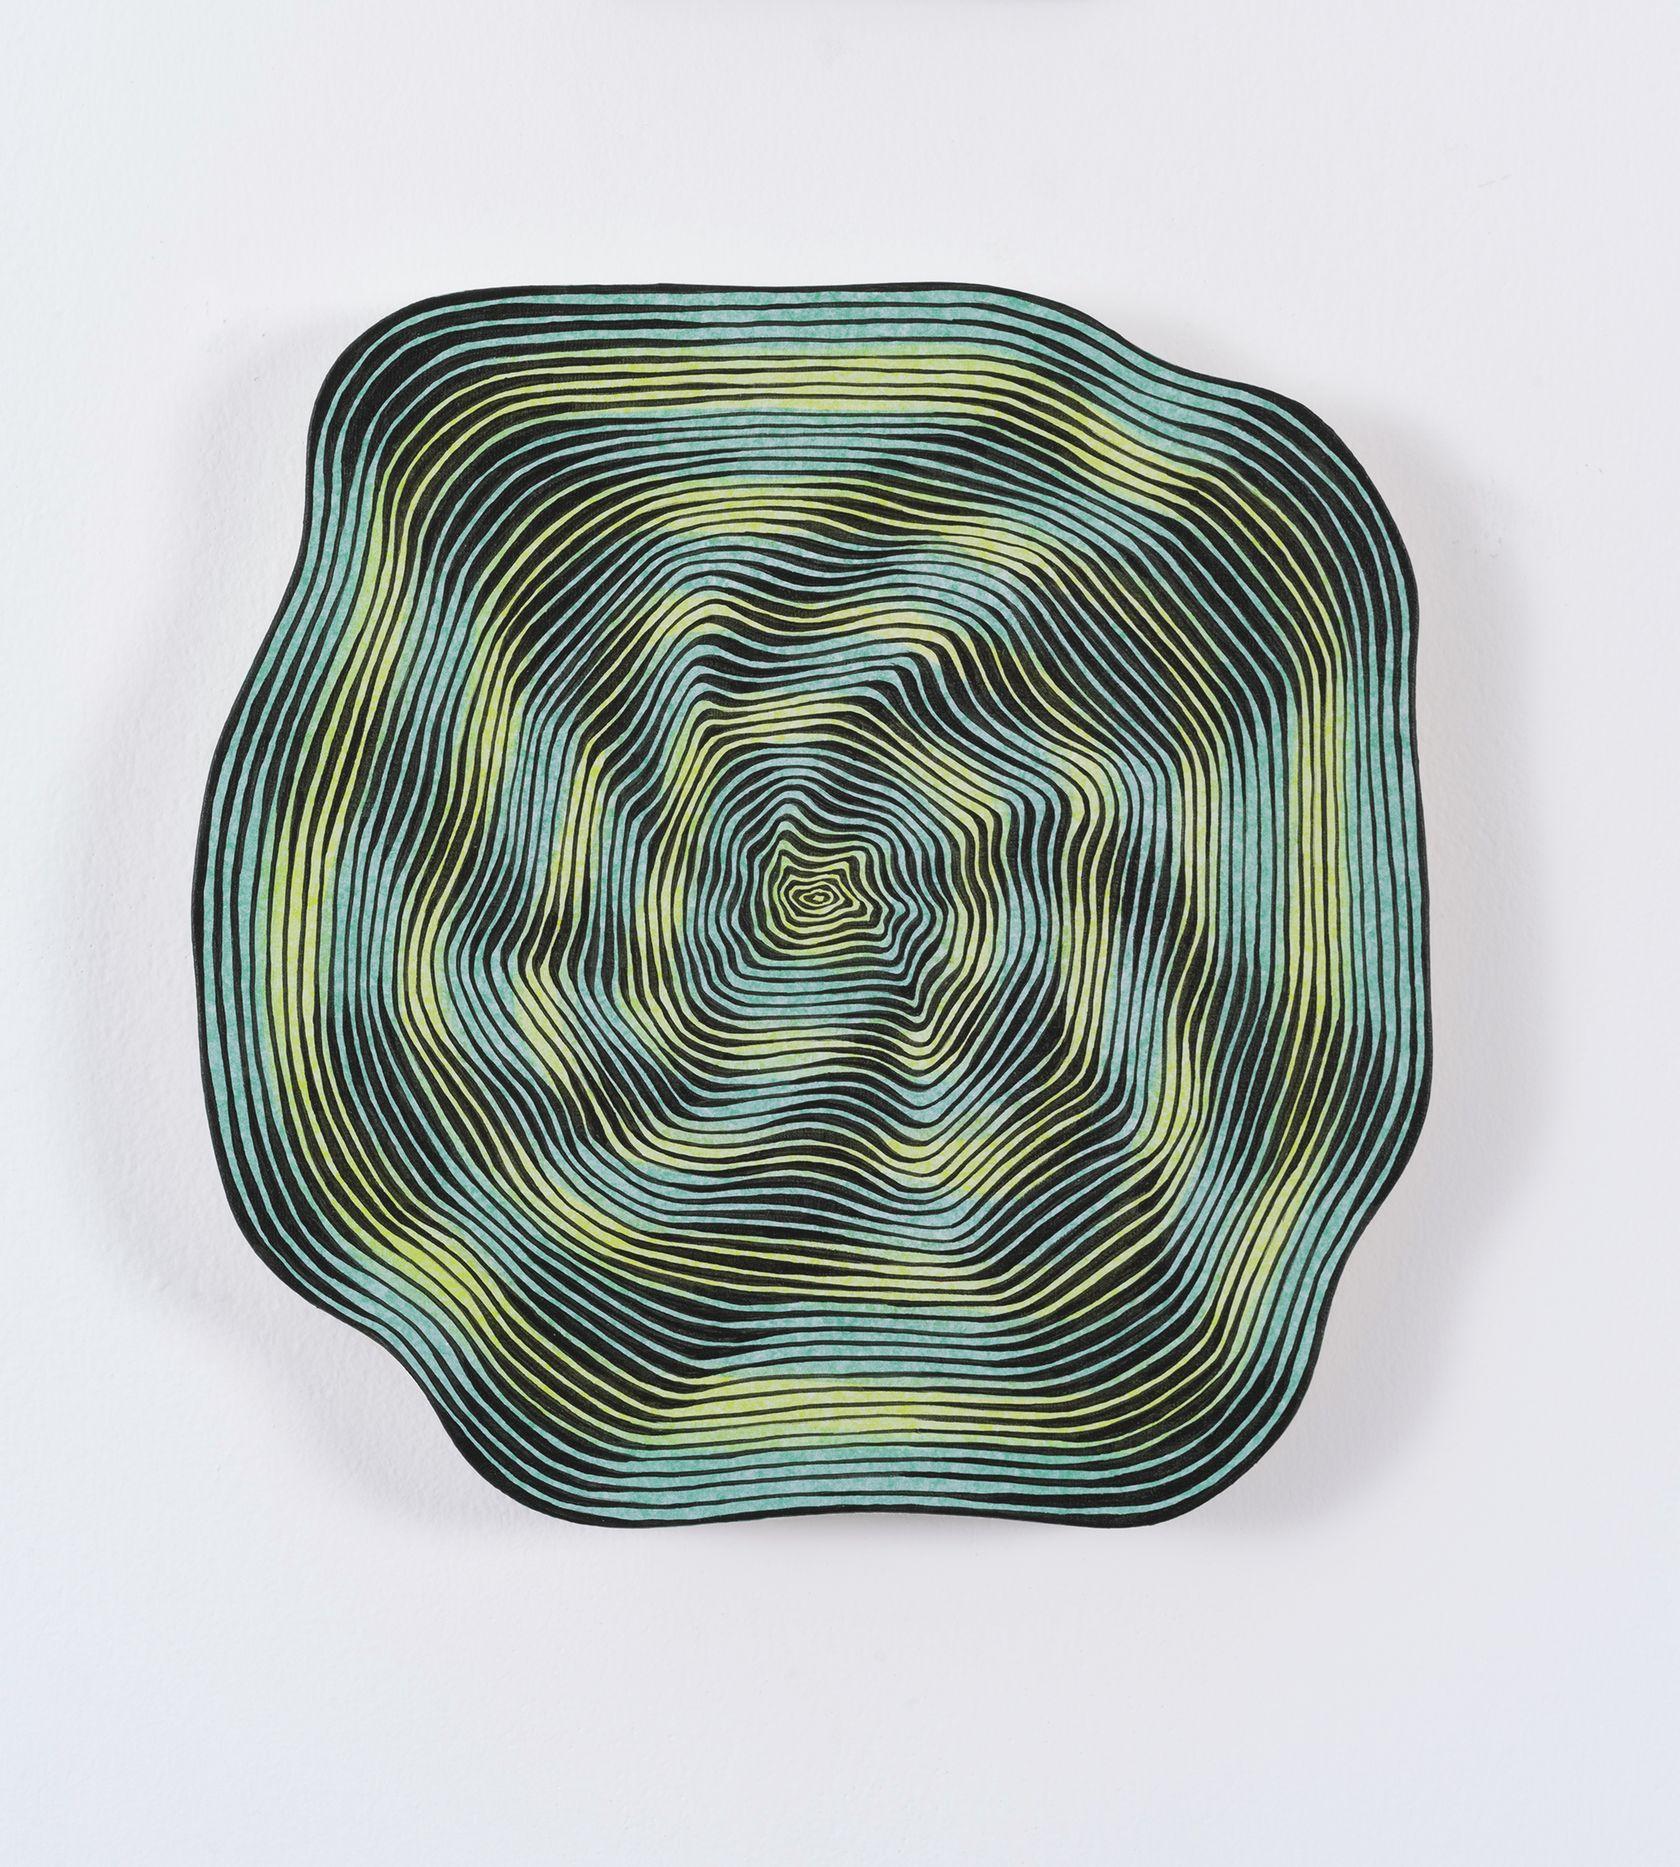 Guillaume Pilet, Planful Problem Solving, 2020 Acrylique sur toile31 × 31 cm / 12 2/8 × 12 2/8 in.